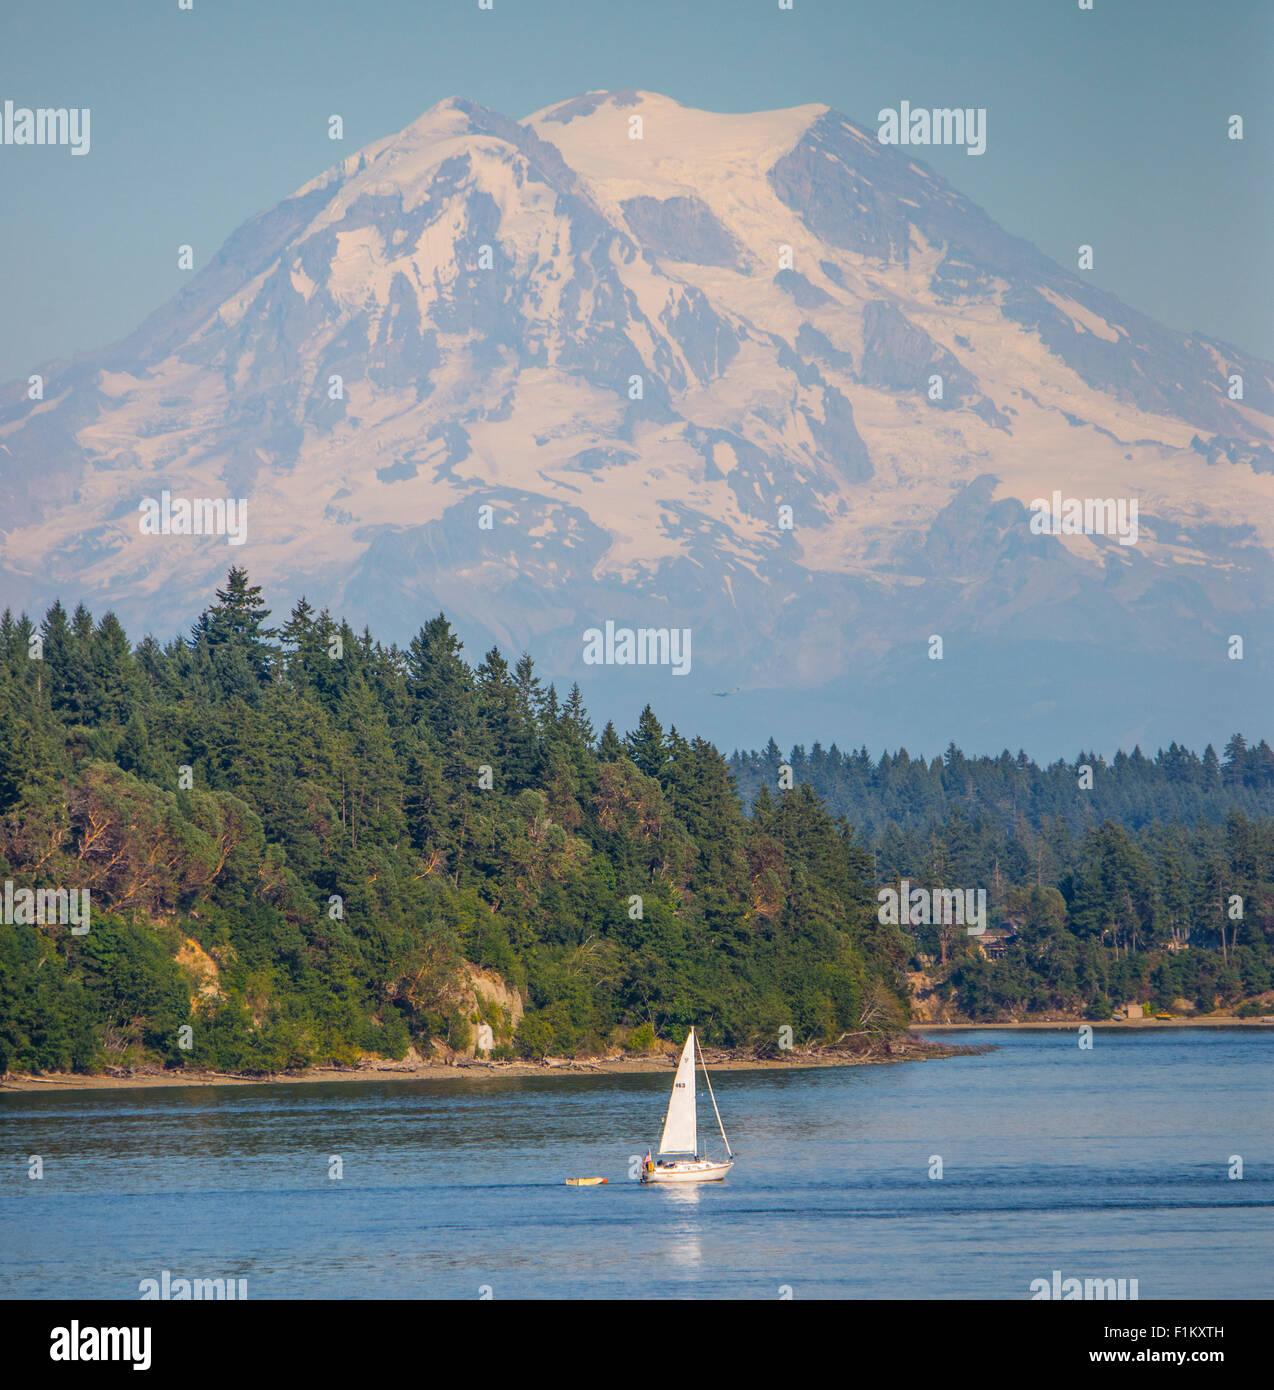 Landschaftlich reizvolle Nahaufnahme des Mount Rainier mit Menschen, die ein Segelboot segeln. Puget Sound, Squaxin Stockfoto